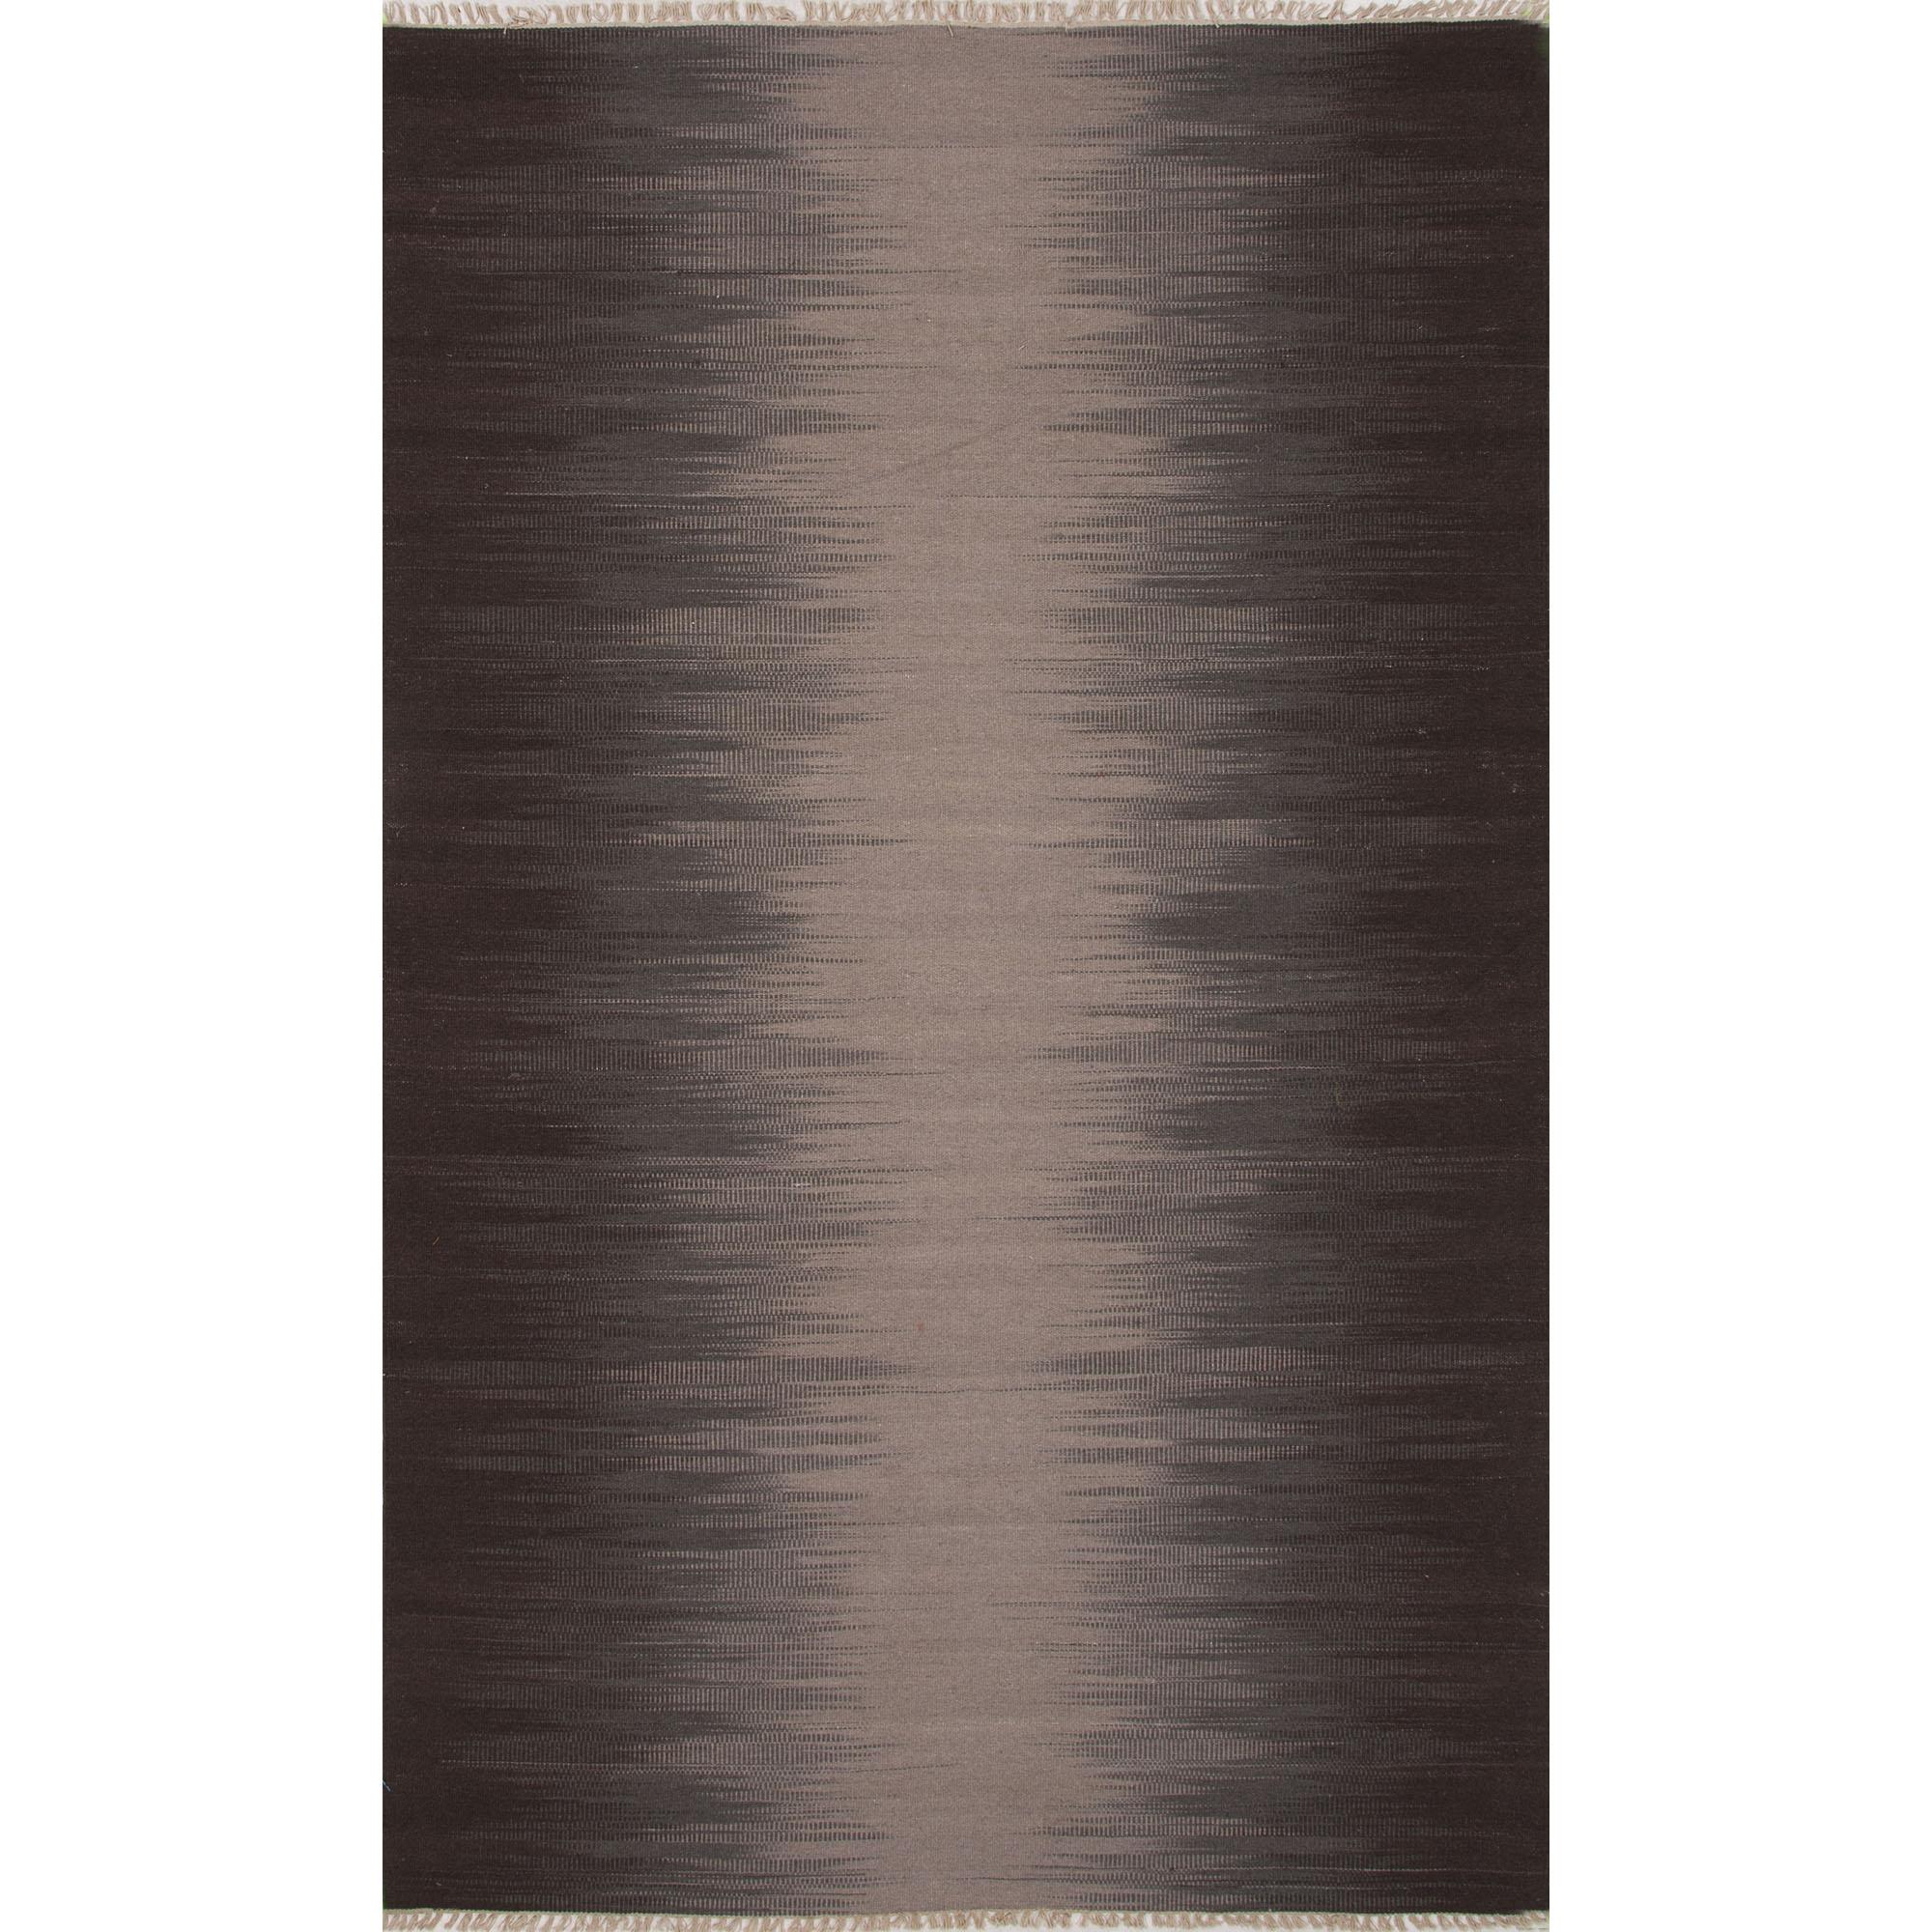 JAIPUR Rugs Spectra 2 x 3 Rug - Item Number: RUG122379